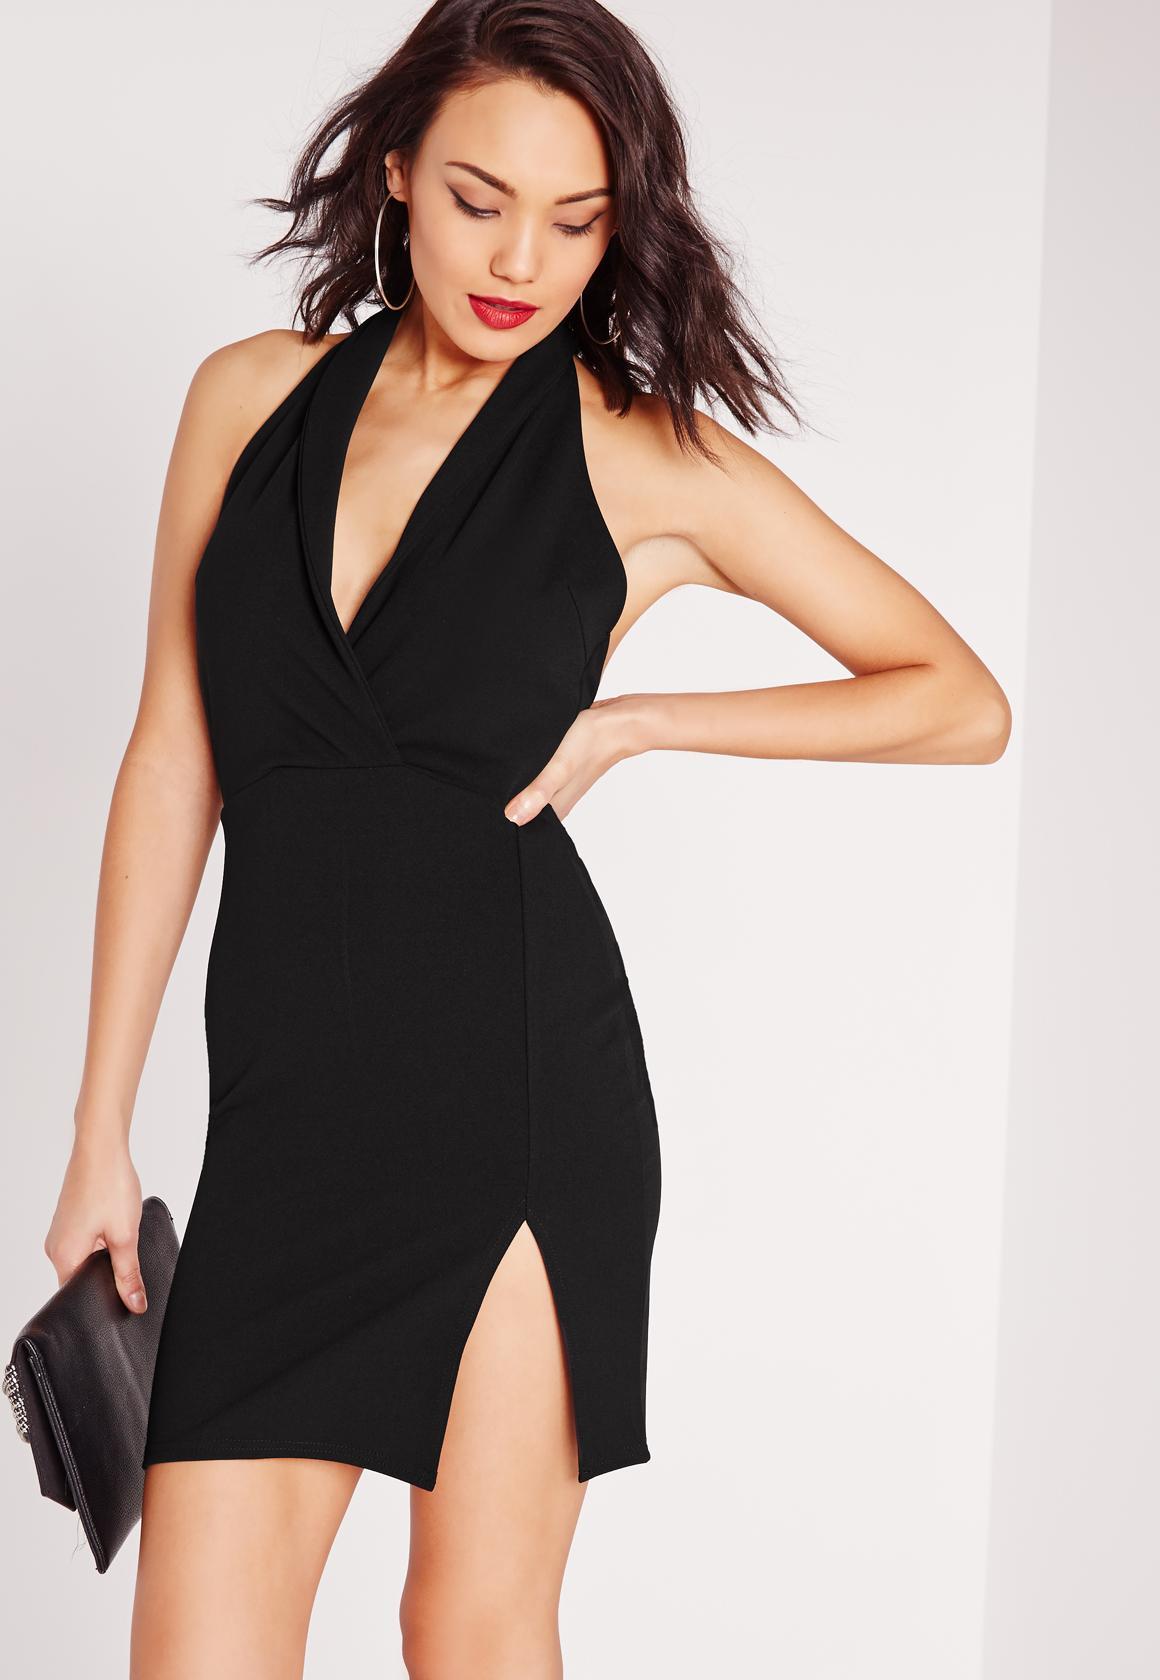 Black dress halter neck - Plunge Halterneck Mini Dress Black